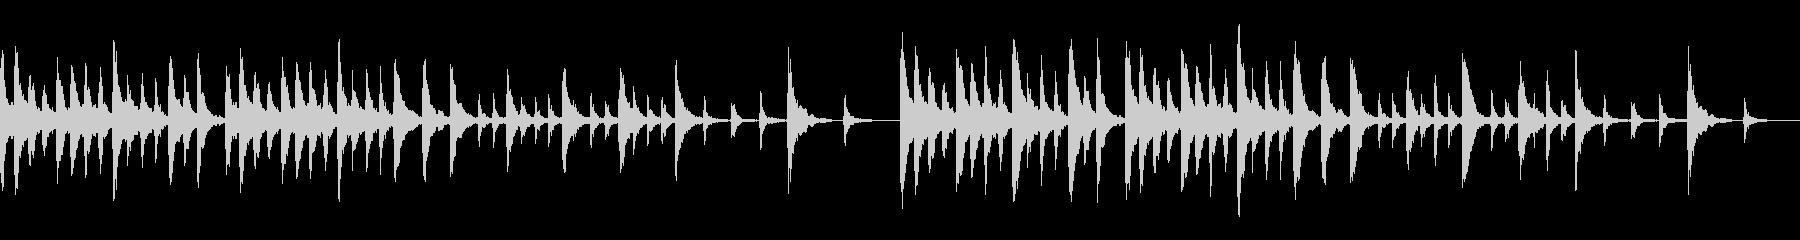 ファンタジー系(ループ仕様)の未再生の波形